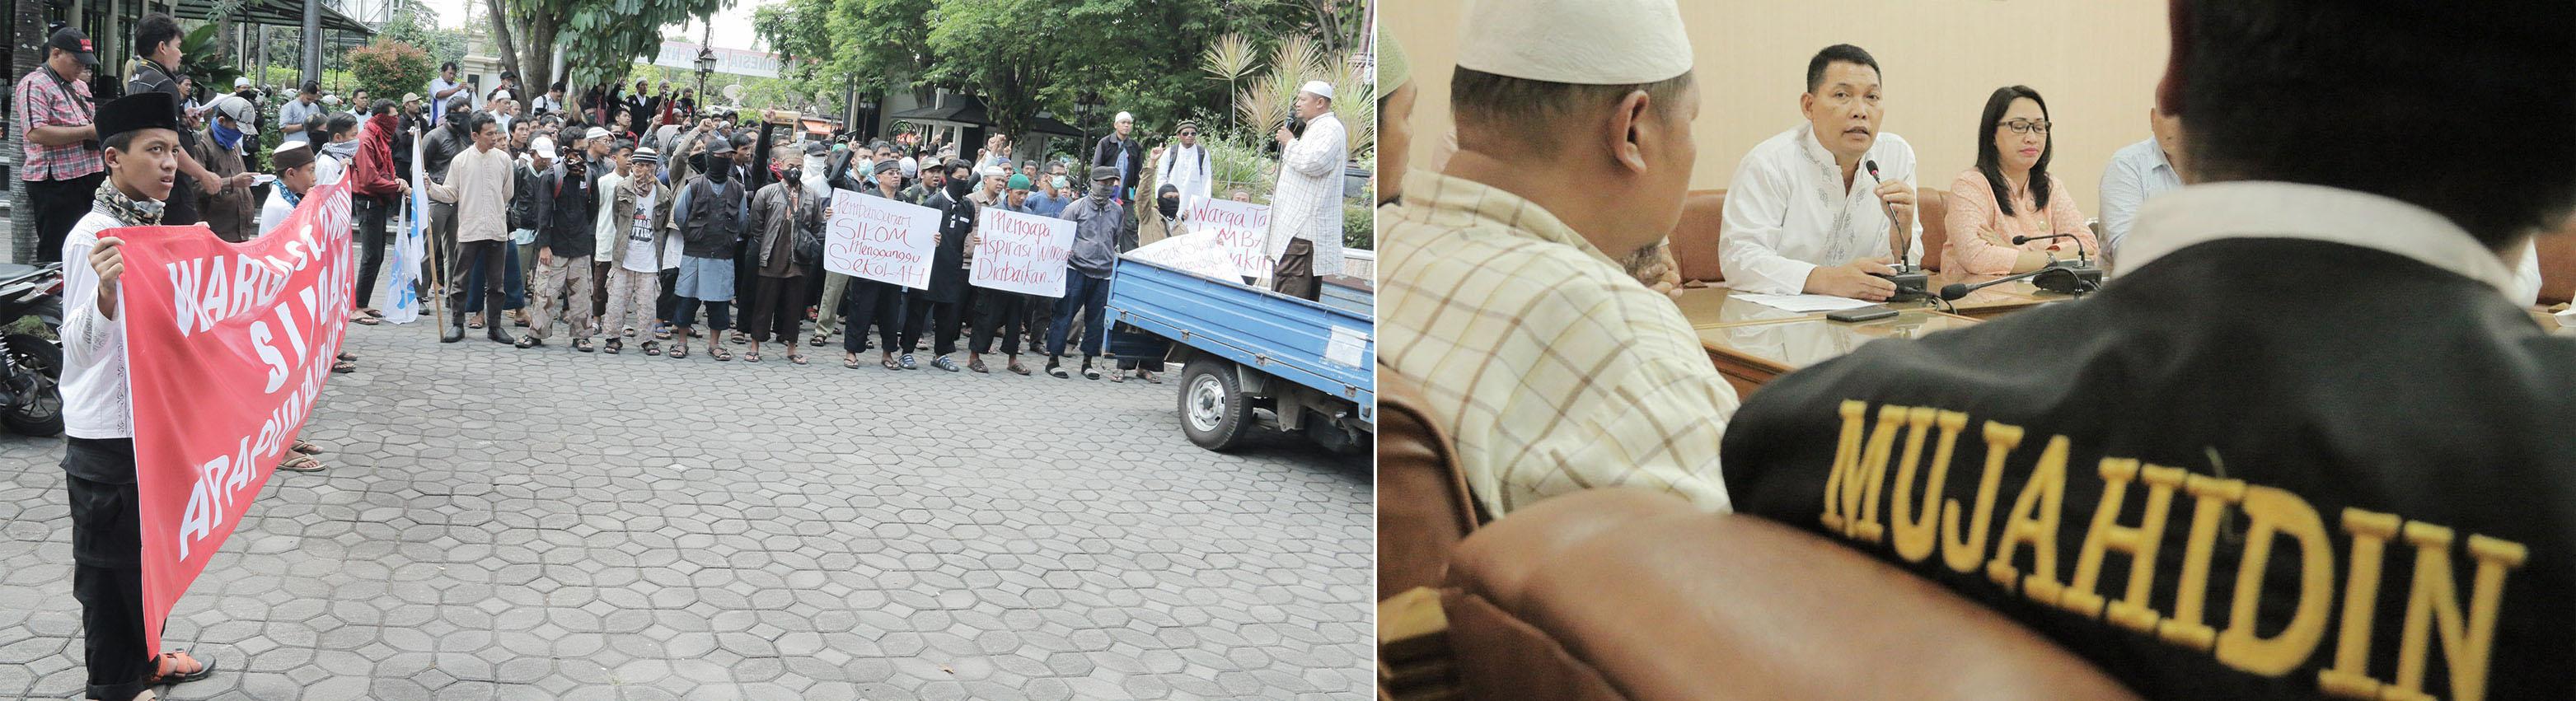 Dewan Syari'ah Kota Surakarta (DSKS) beserta pasukannya melakukan orasi di depan Graha Paripurna DPRD Kota Surakarta terkait penolakan RS. Siloam.